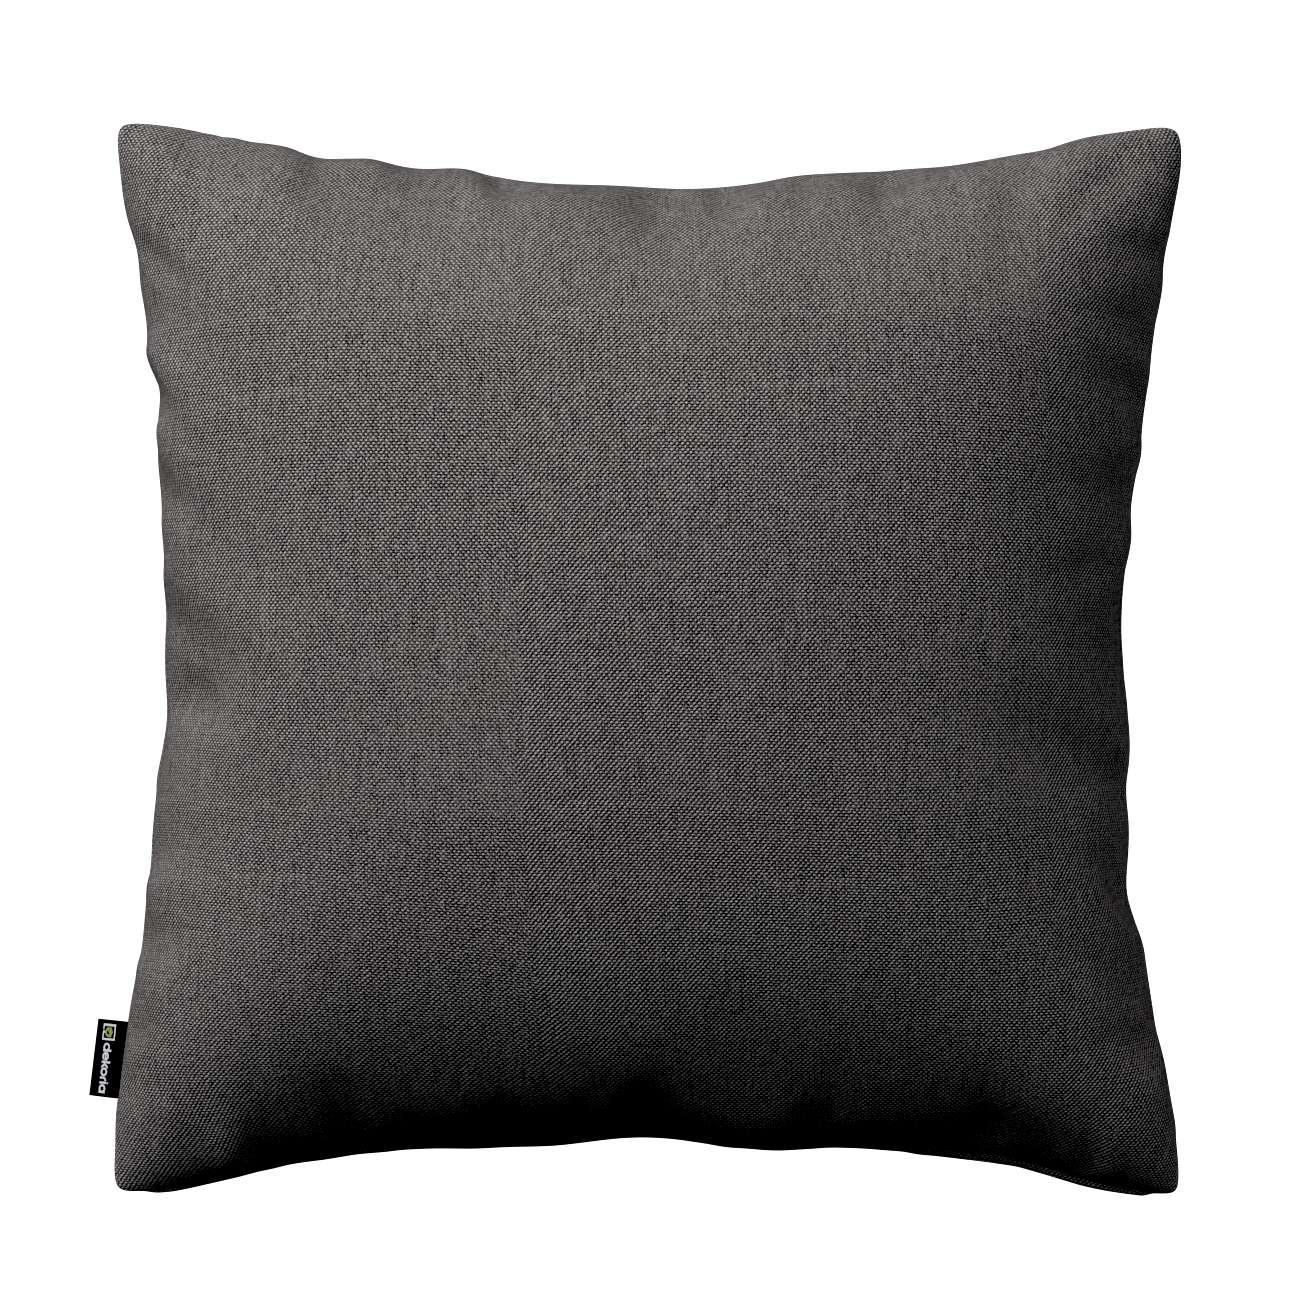 Kinga dekoratyvinės pagalvėlės užvalkalas 43 x 43 cm kolekcijoje Etna , audinys: 705-35